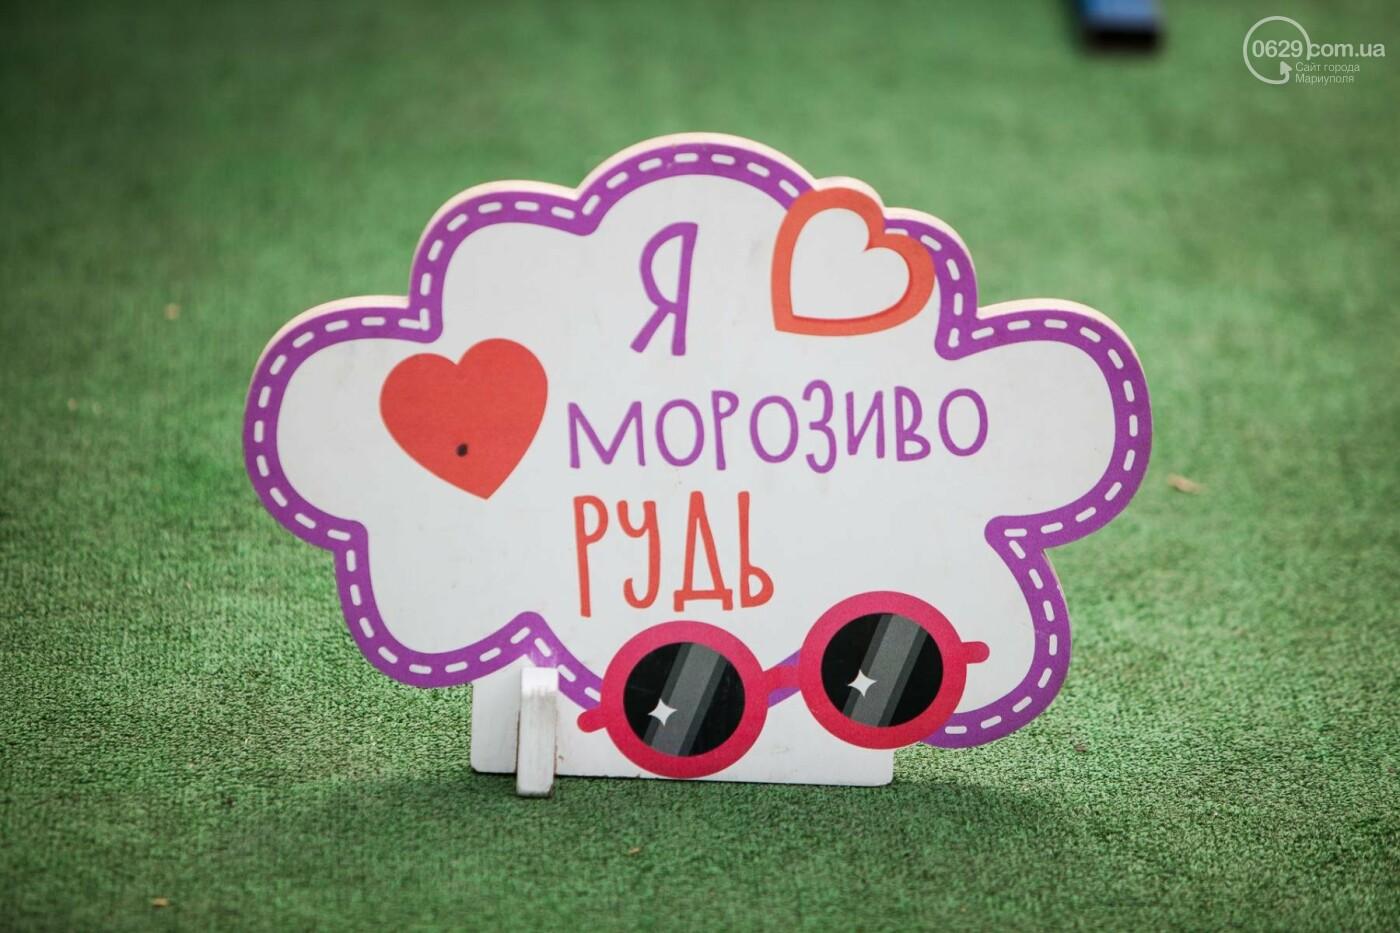 Мариупольцы получили 100% ярких впечатлений на Празднике Мороженого от компании «РУДЬ», фото-12